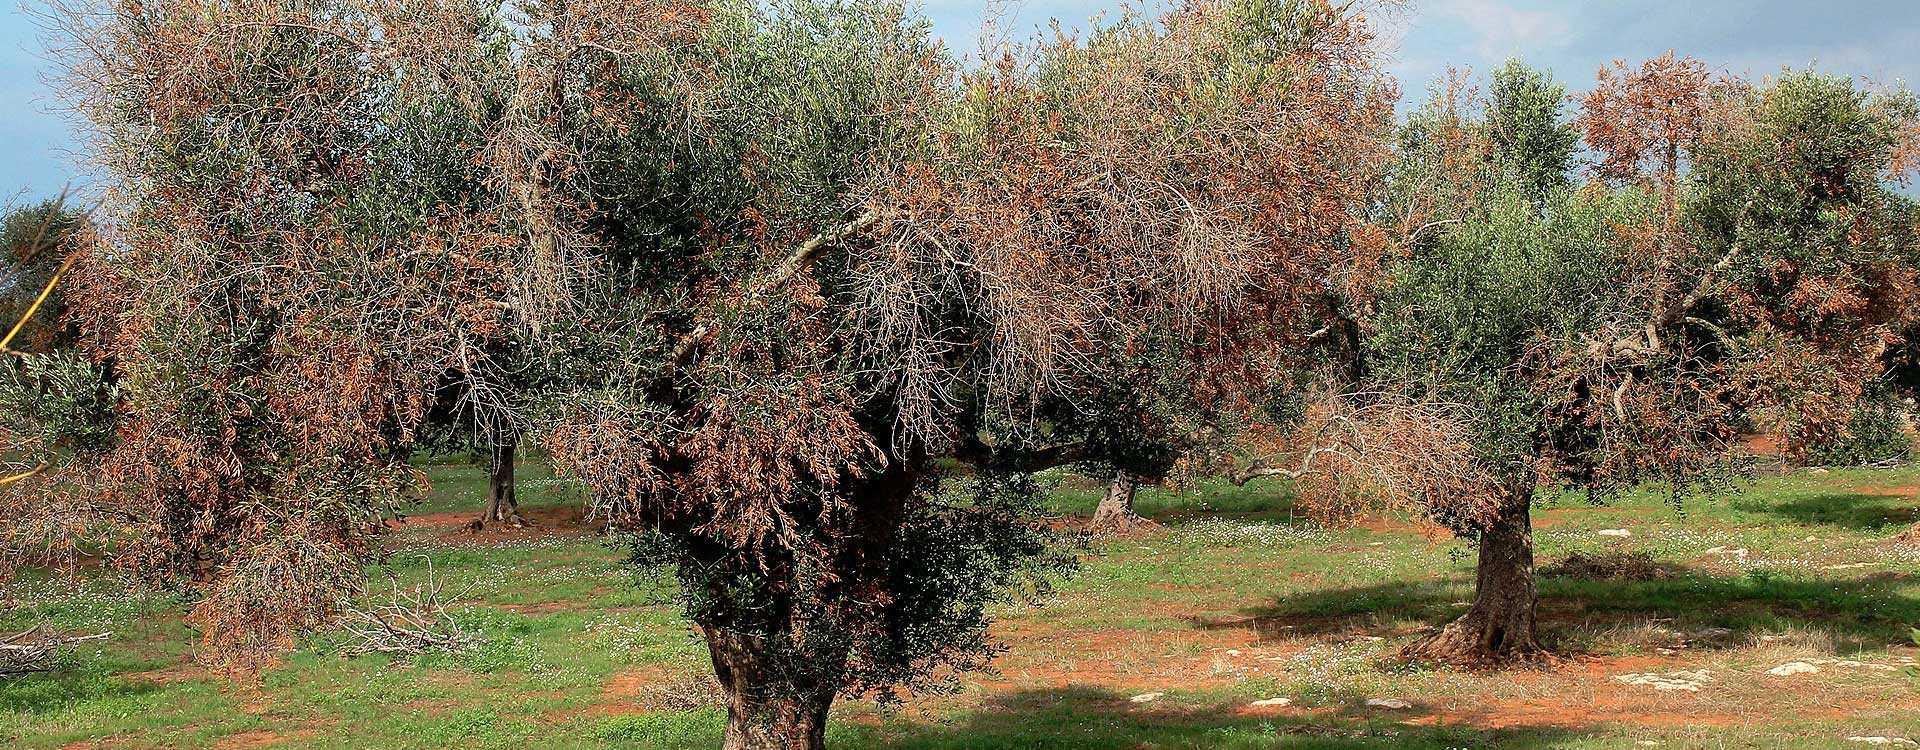 Texte adoptate - Epidemia de Xylella fastidiosa care afectează măslinii - Miercuri, 20 mai